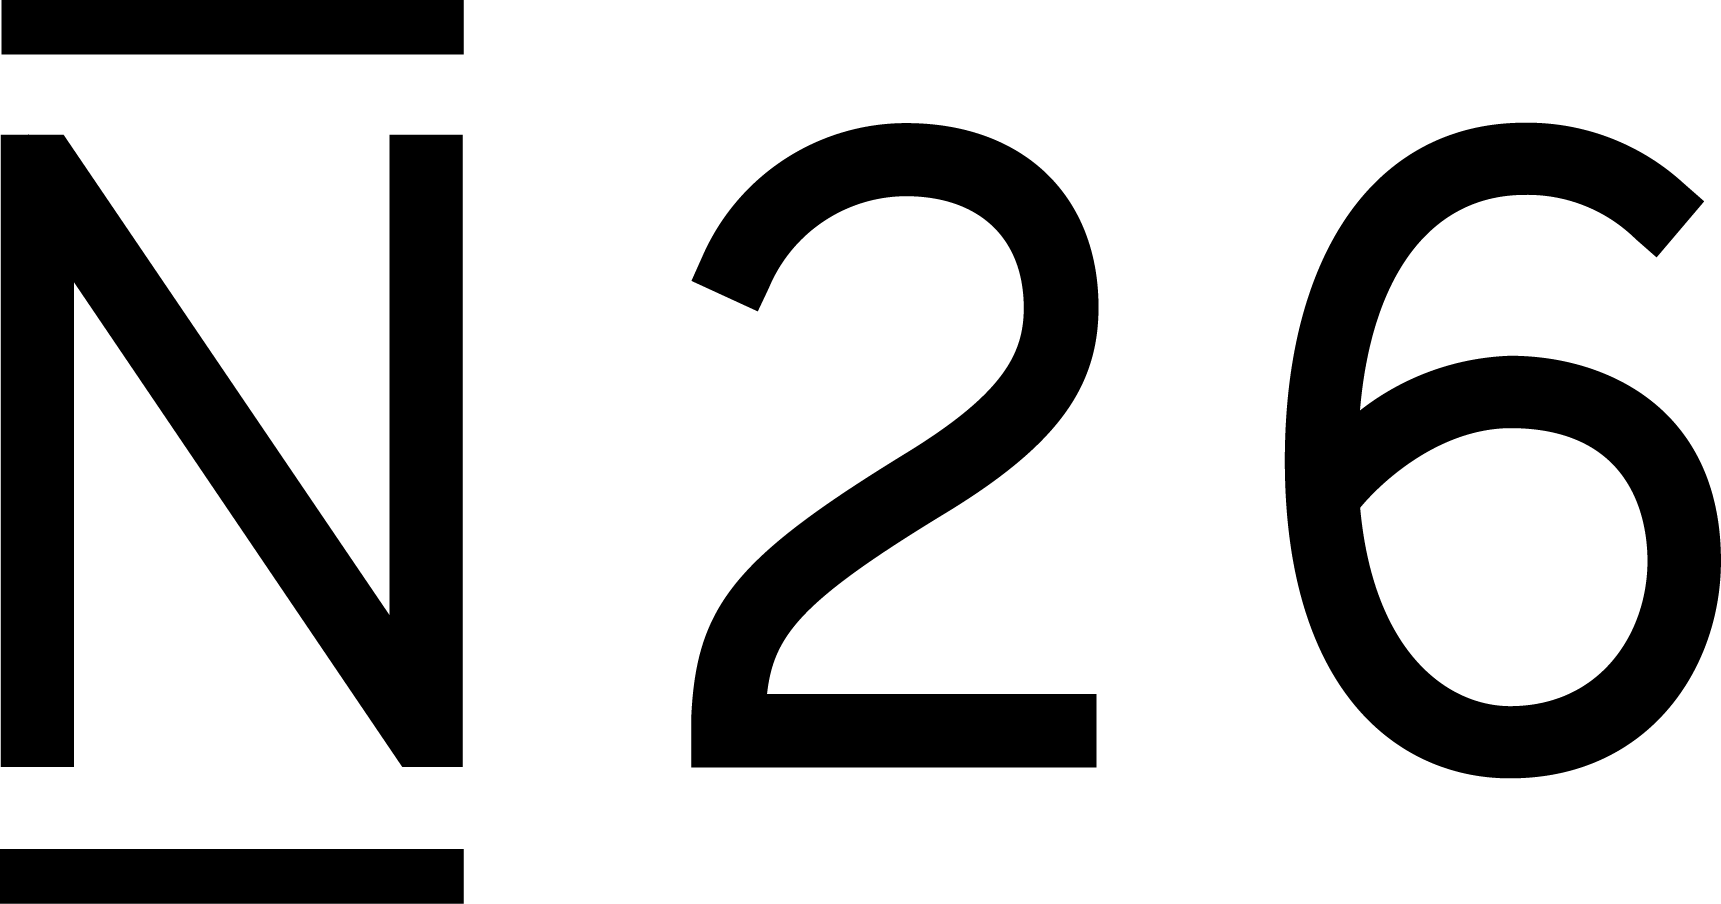 La néo banque allemande N26